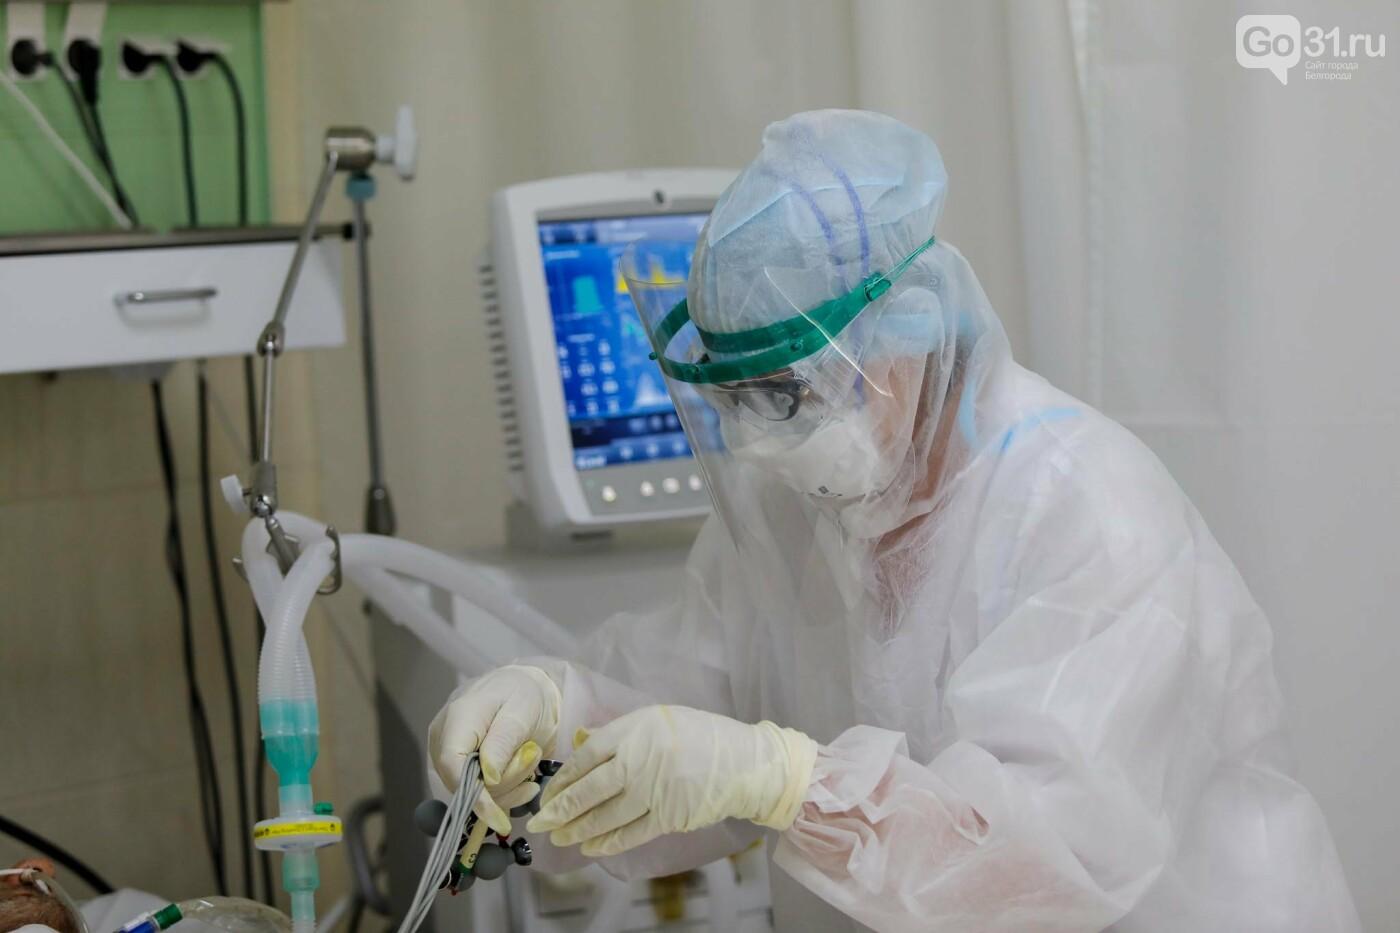 Что происходит в ковид-госпитале Белгорода. Фоторепортаж из «красной» зоны, фото-27, Фото: Антон Вергун